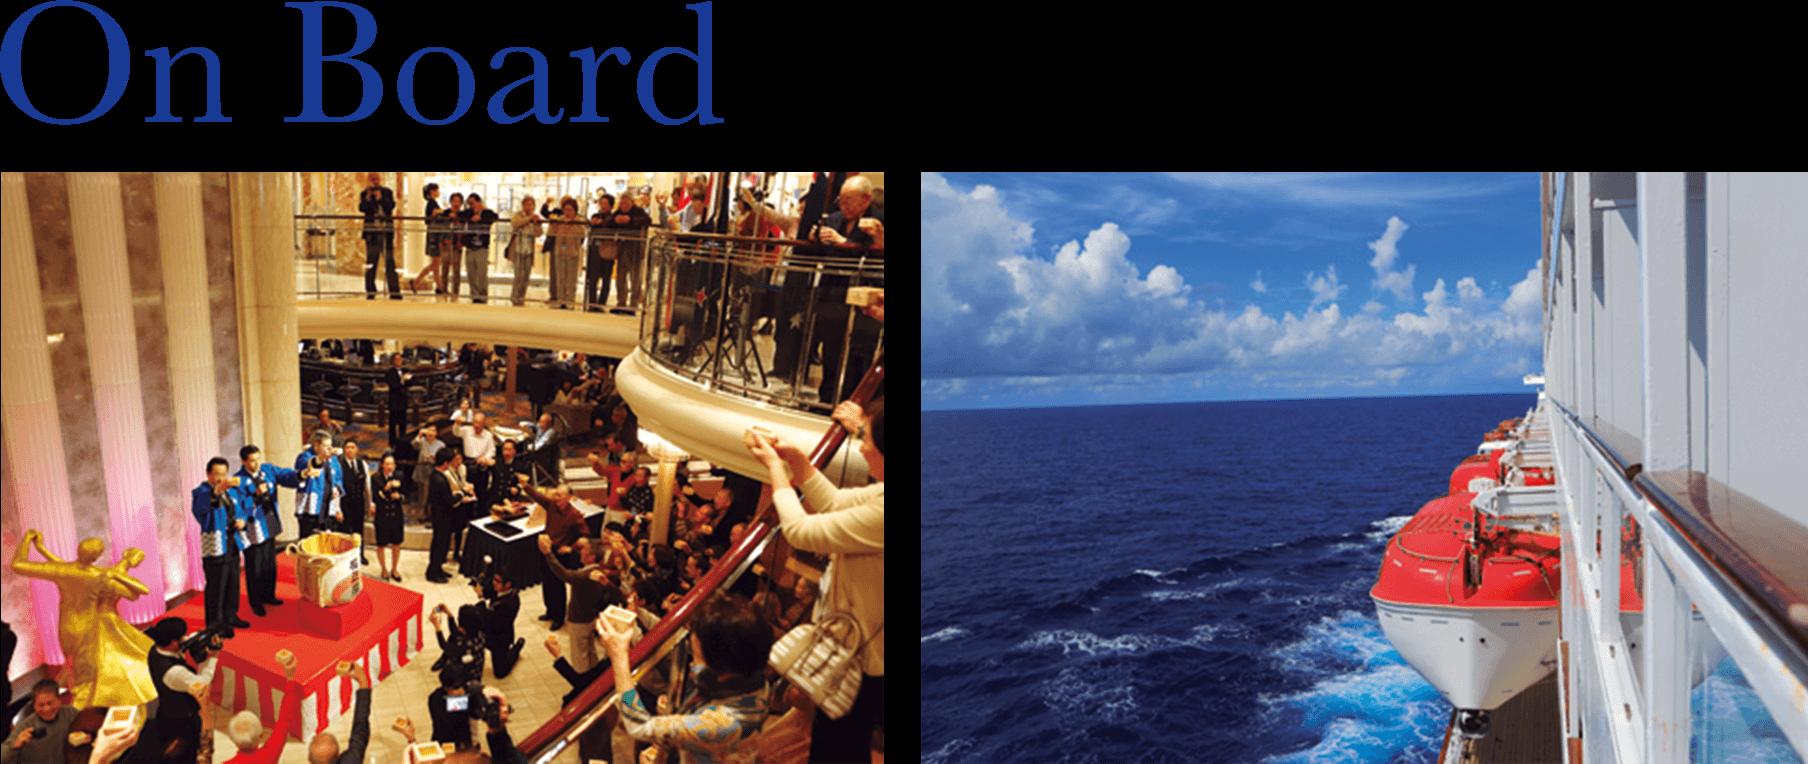 2022年 オセアニアグランドクルーズ On Board 鏡開き&ウェルカムパーティー/海の色の変化を楽しむ 詳細情報